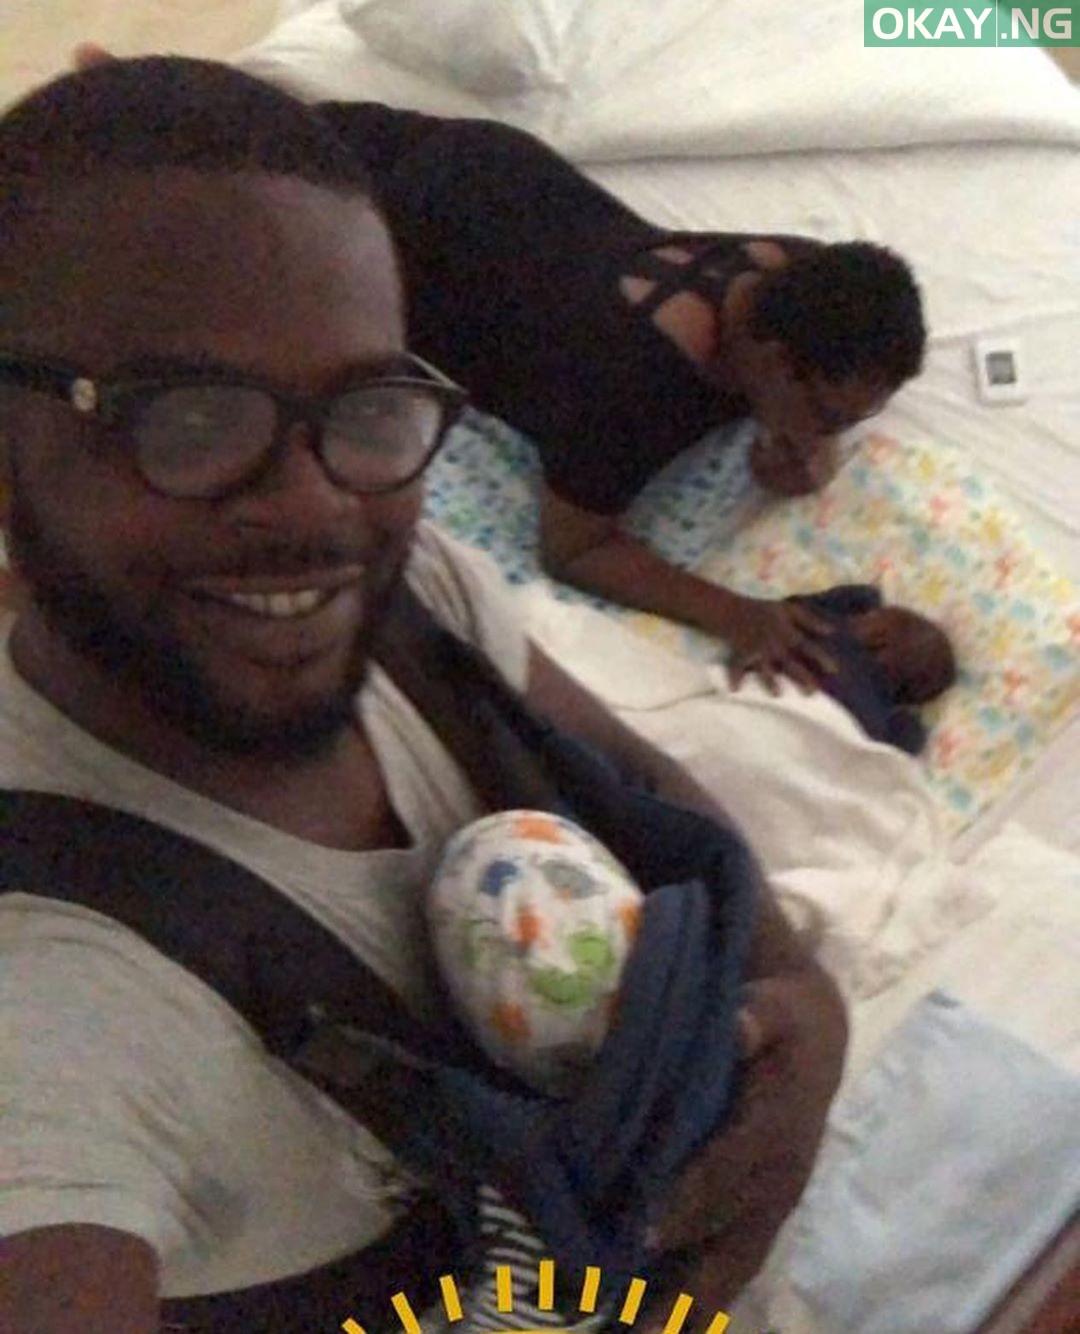 Funke Akindele-Bello and JJC Skillz with their twins